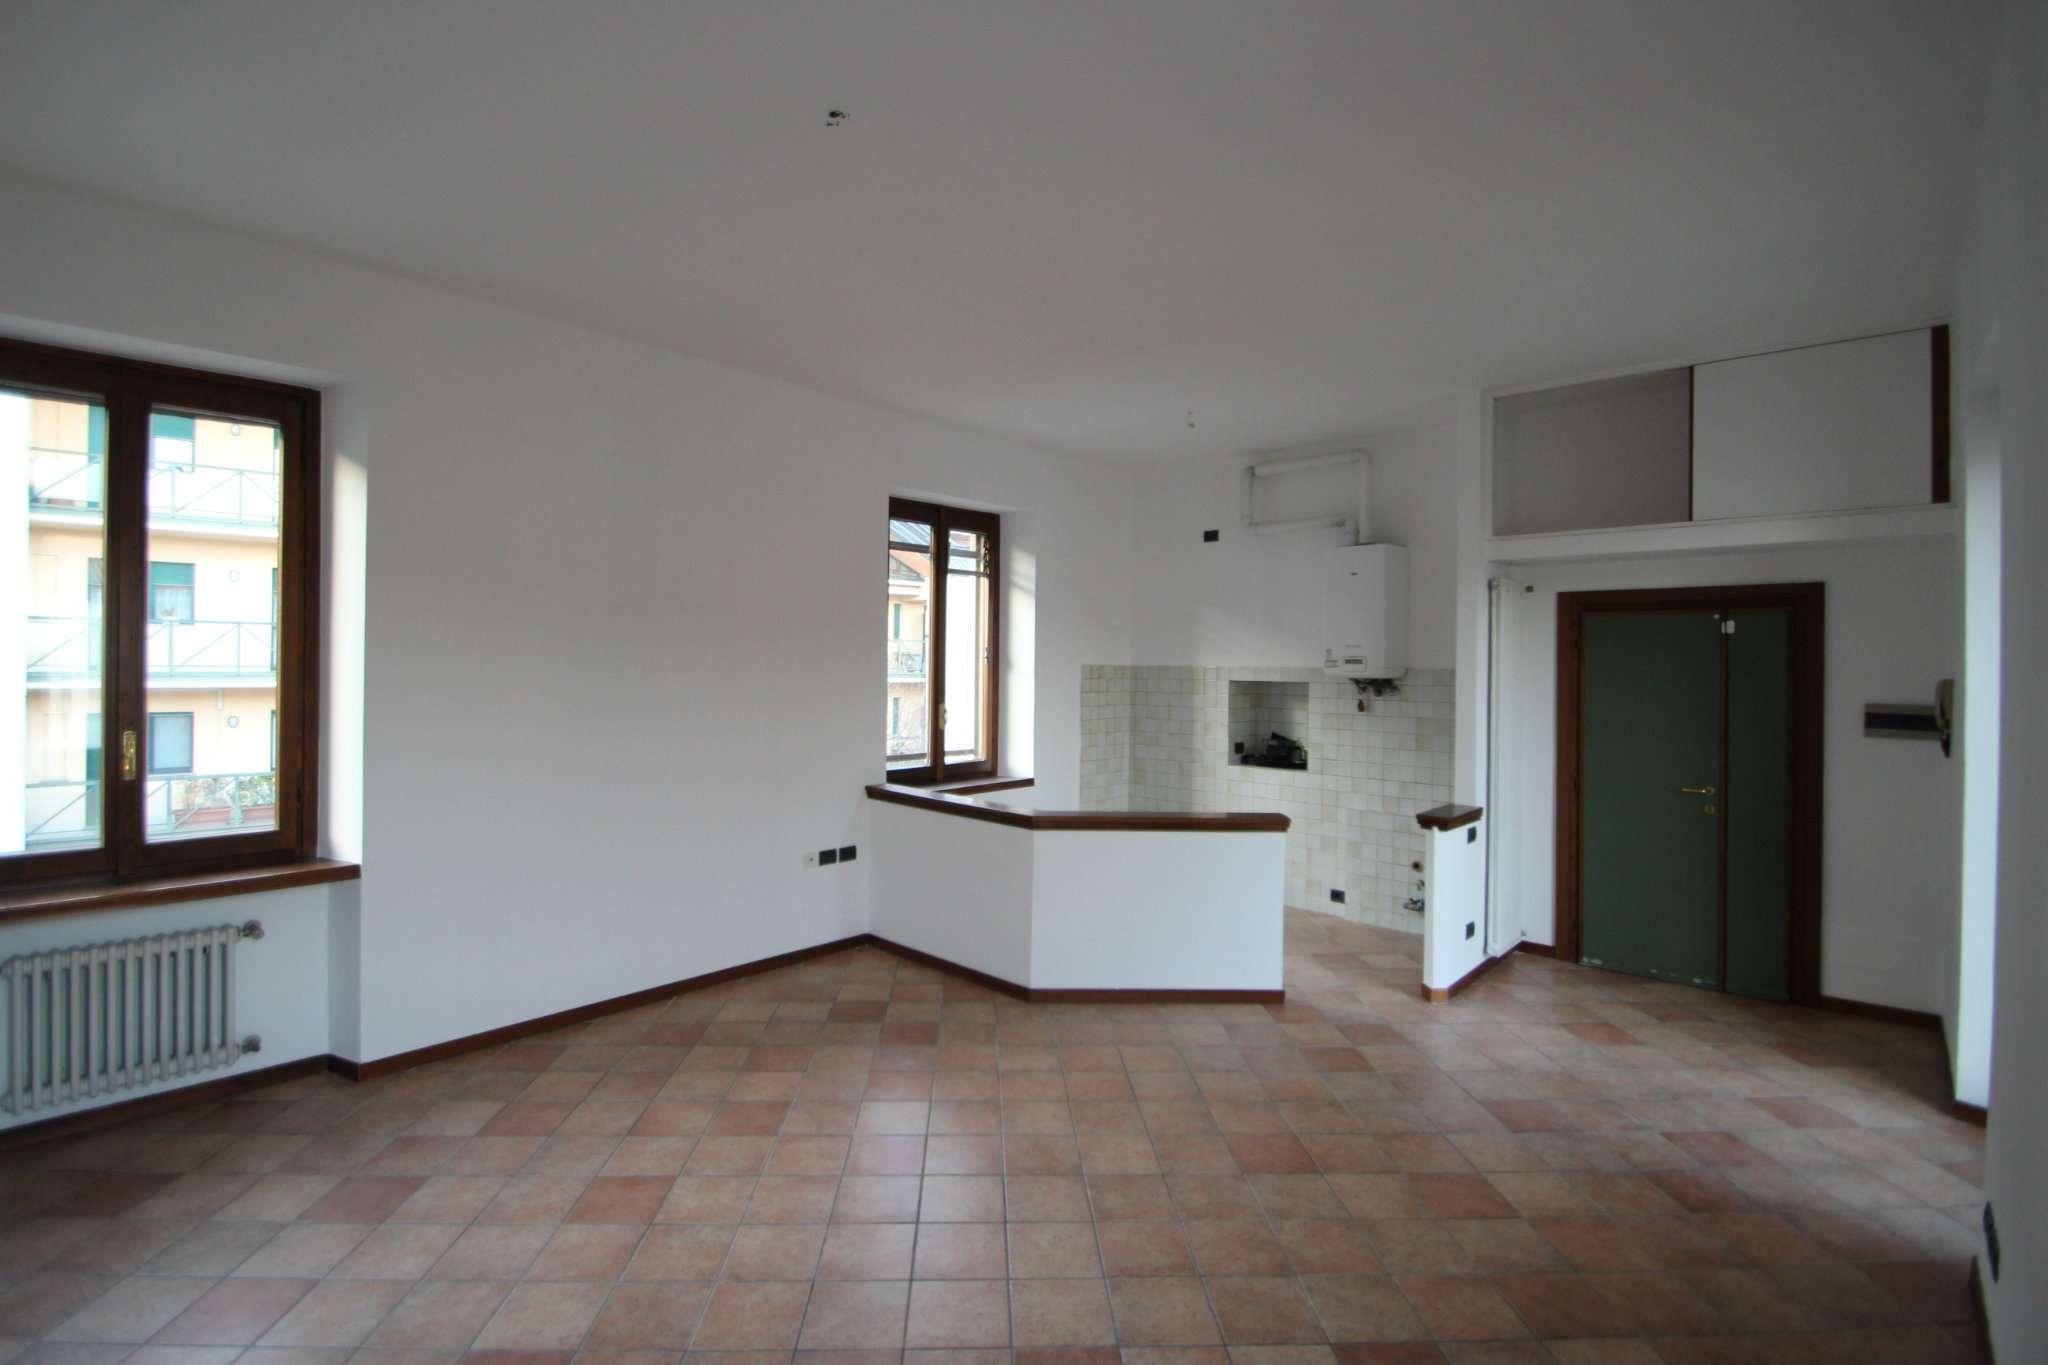 Appartamento in affitto a Bergamo, 3 locali, prezzo € 730 | PortaleAgenzieImmobiliari.it